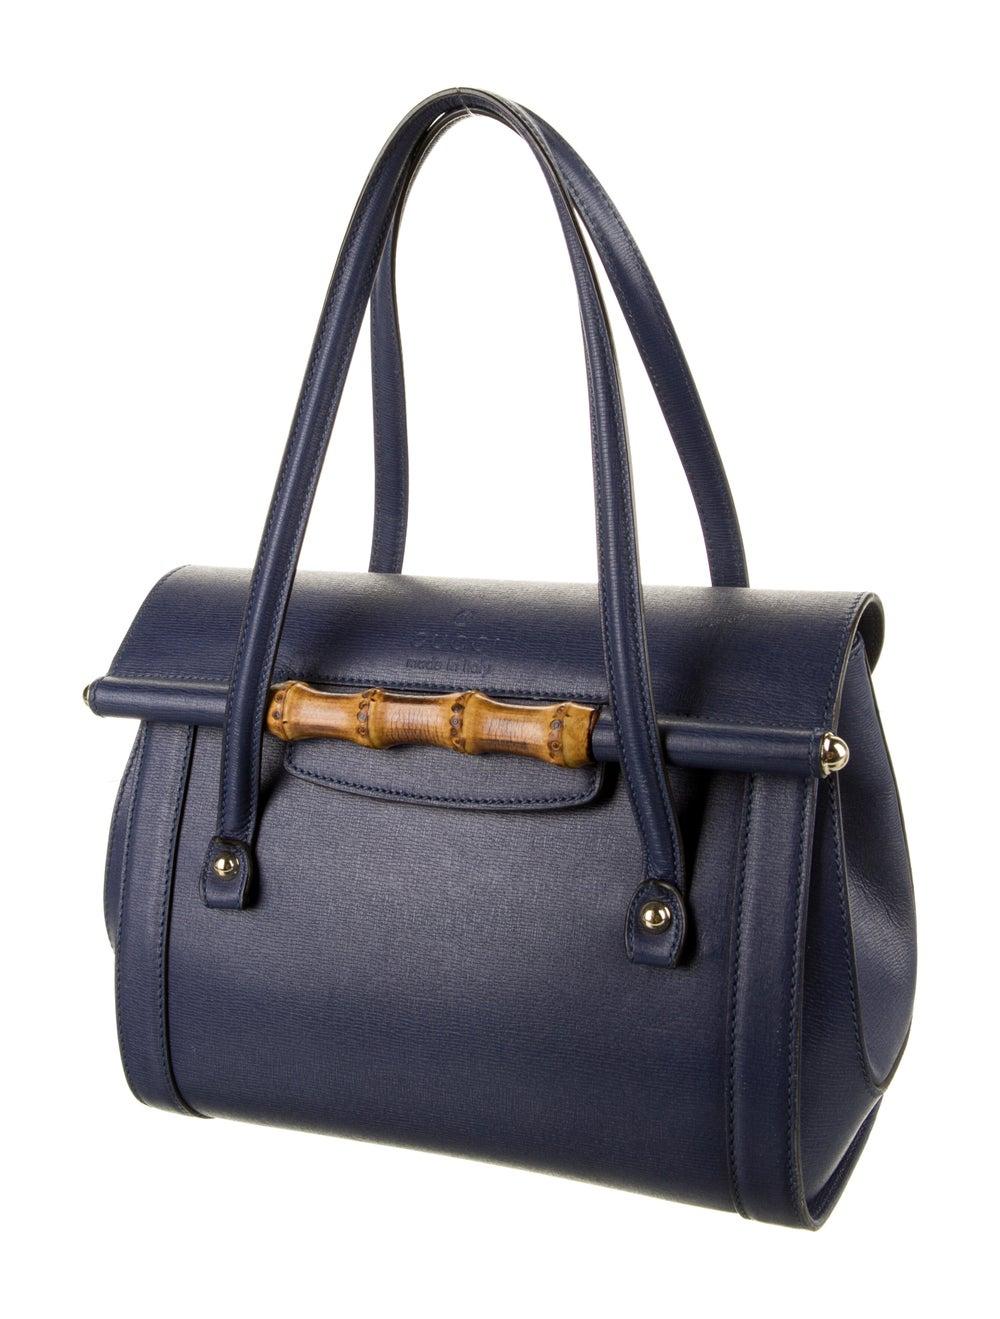 Gucci Leather Bamboo Bullet Shoulder Bag Blue - image 3